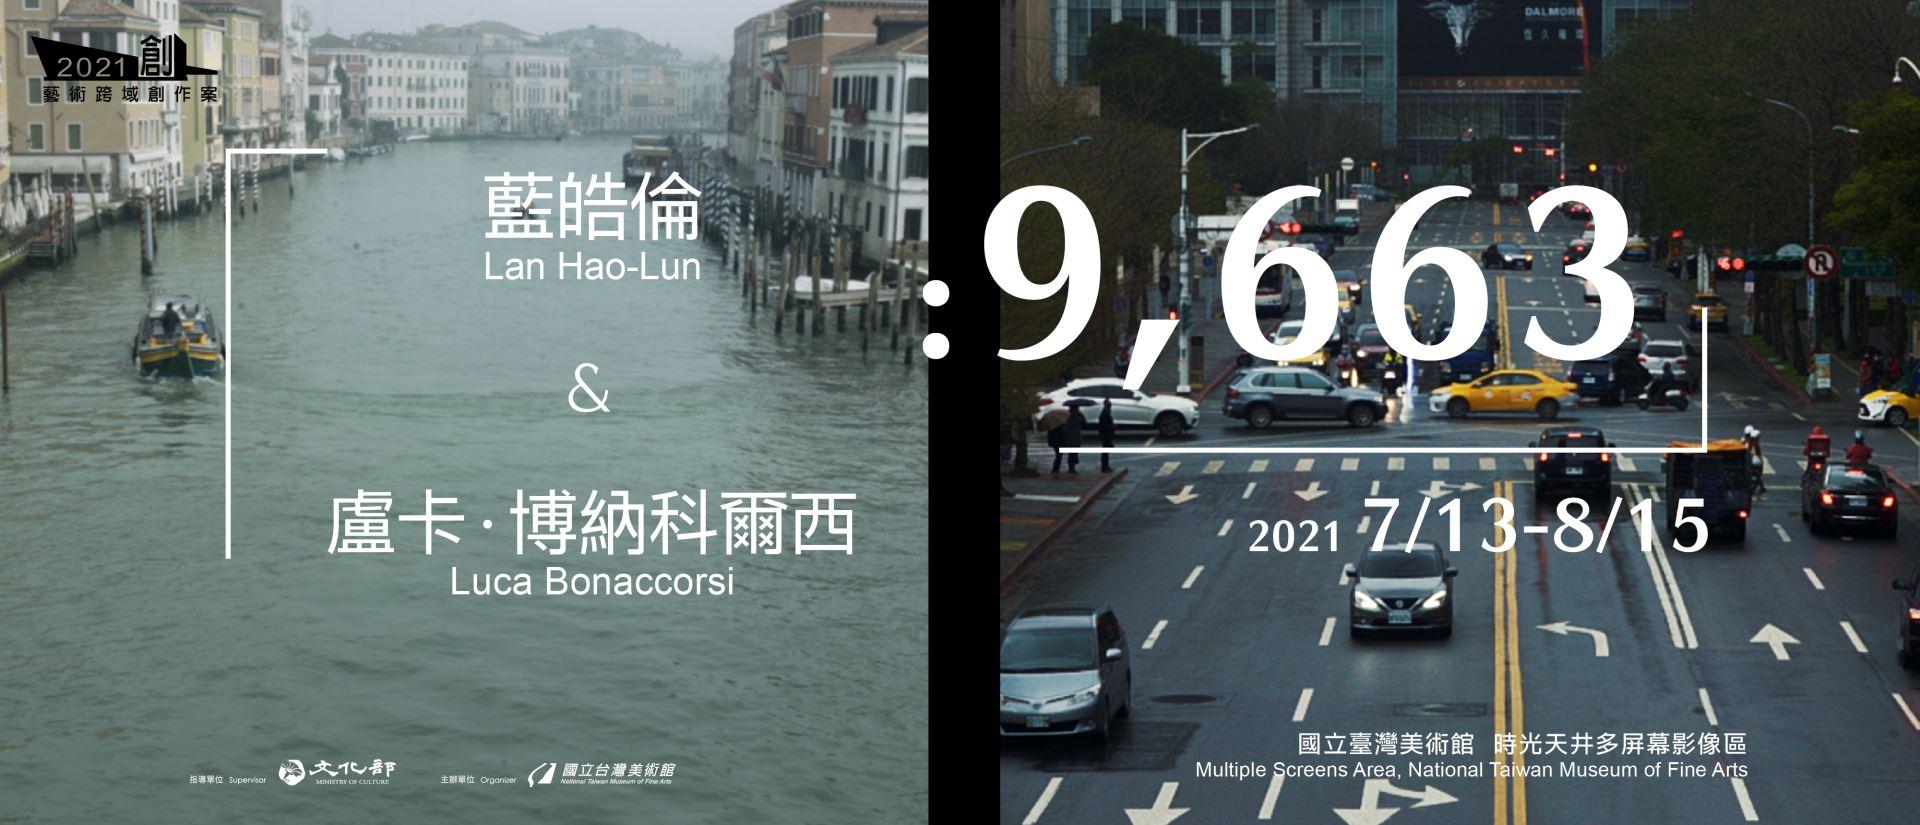 Lan Hao-Lun & Luca Bonaccorsi: 9,663opennewwindow